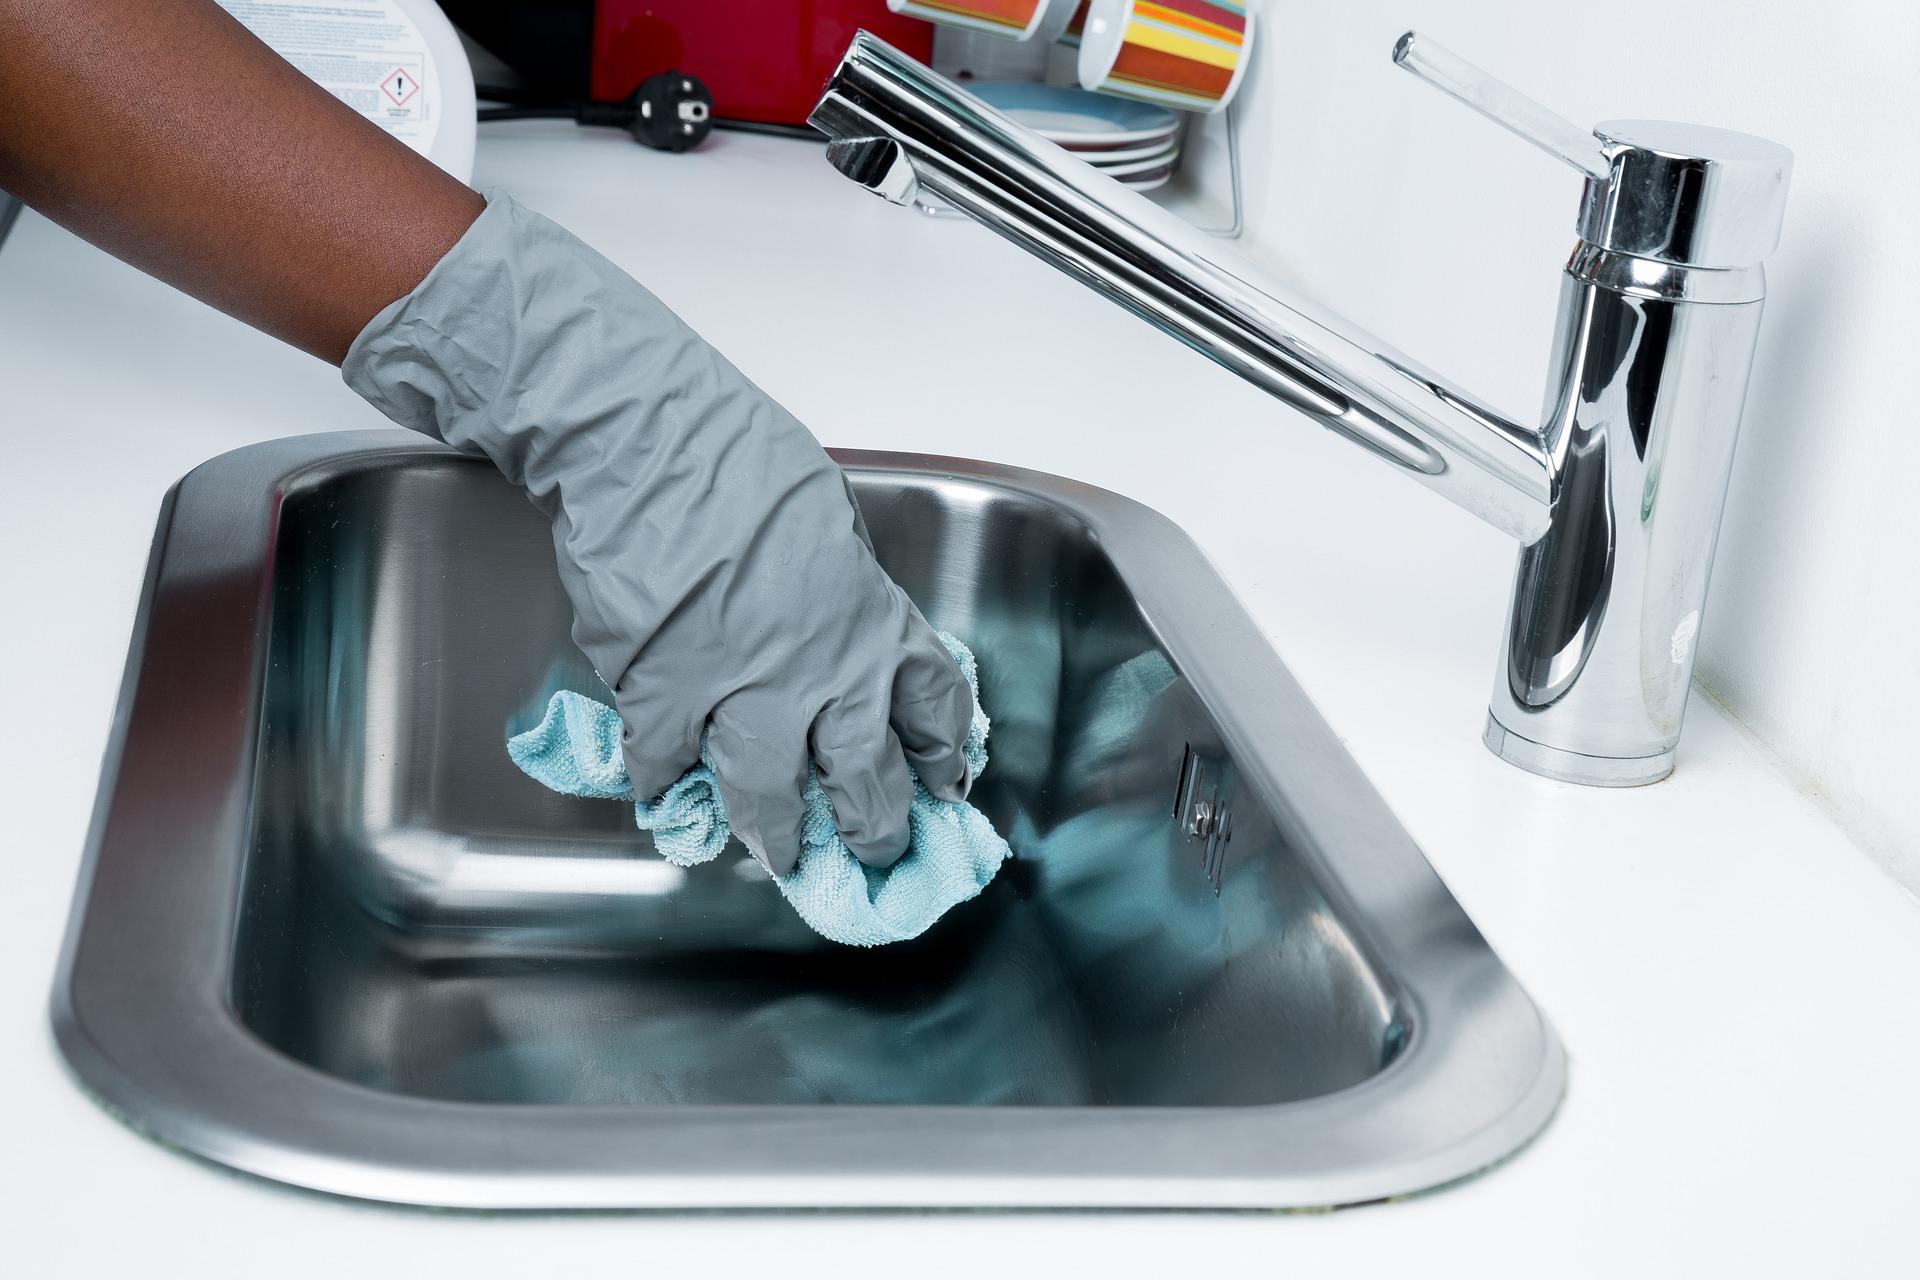 Schoonmaakbedrijf Time to Clean